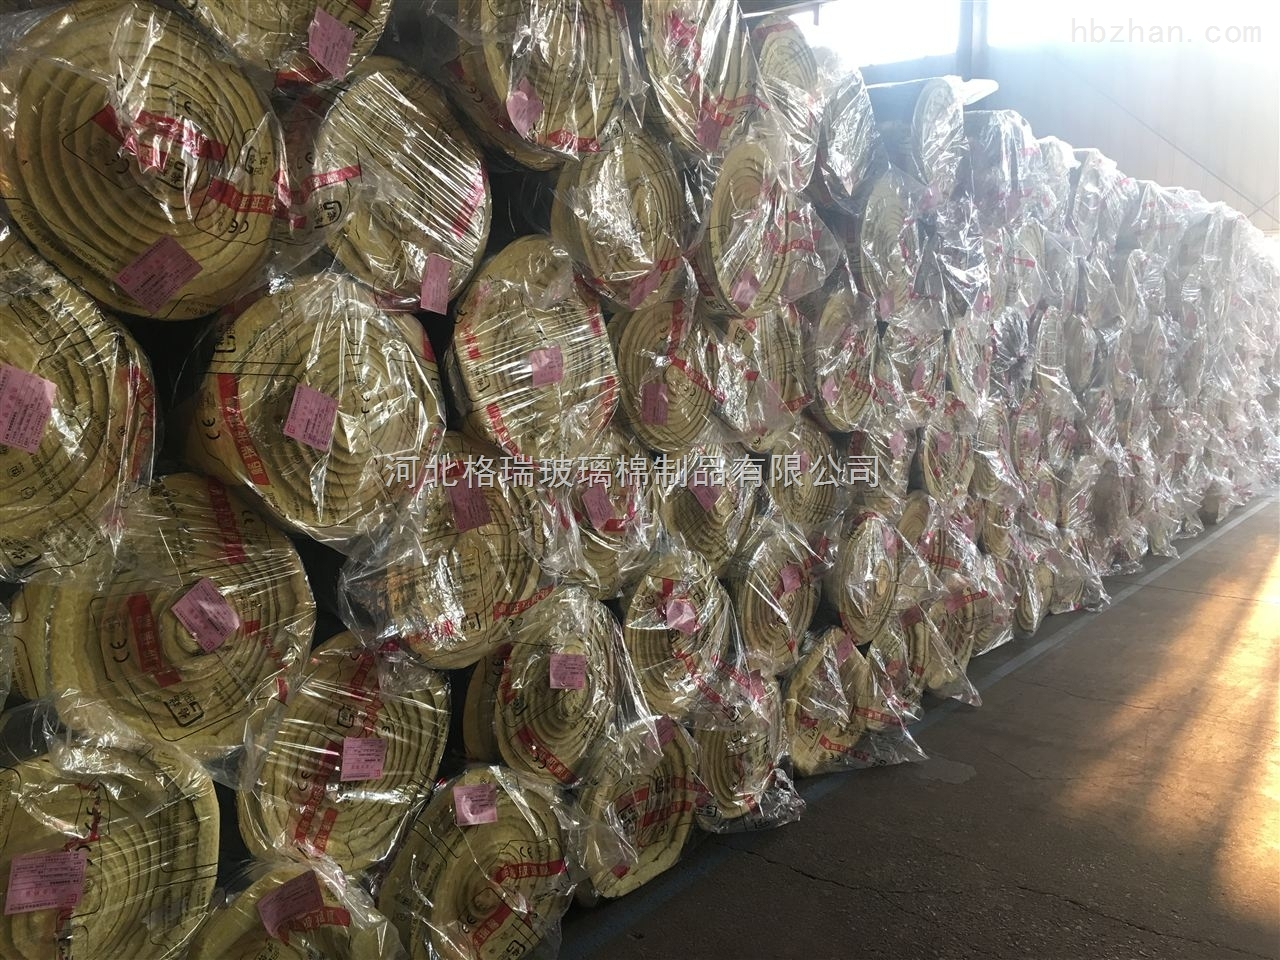 怀远县通辽市鸡舍,牛棚屋顶用玻璃棉卷毡,规格齐全,欢迎选购格瑞